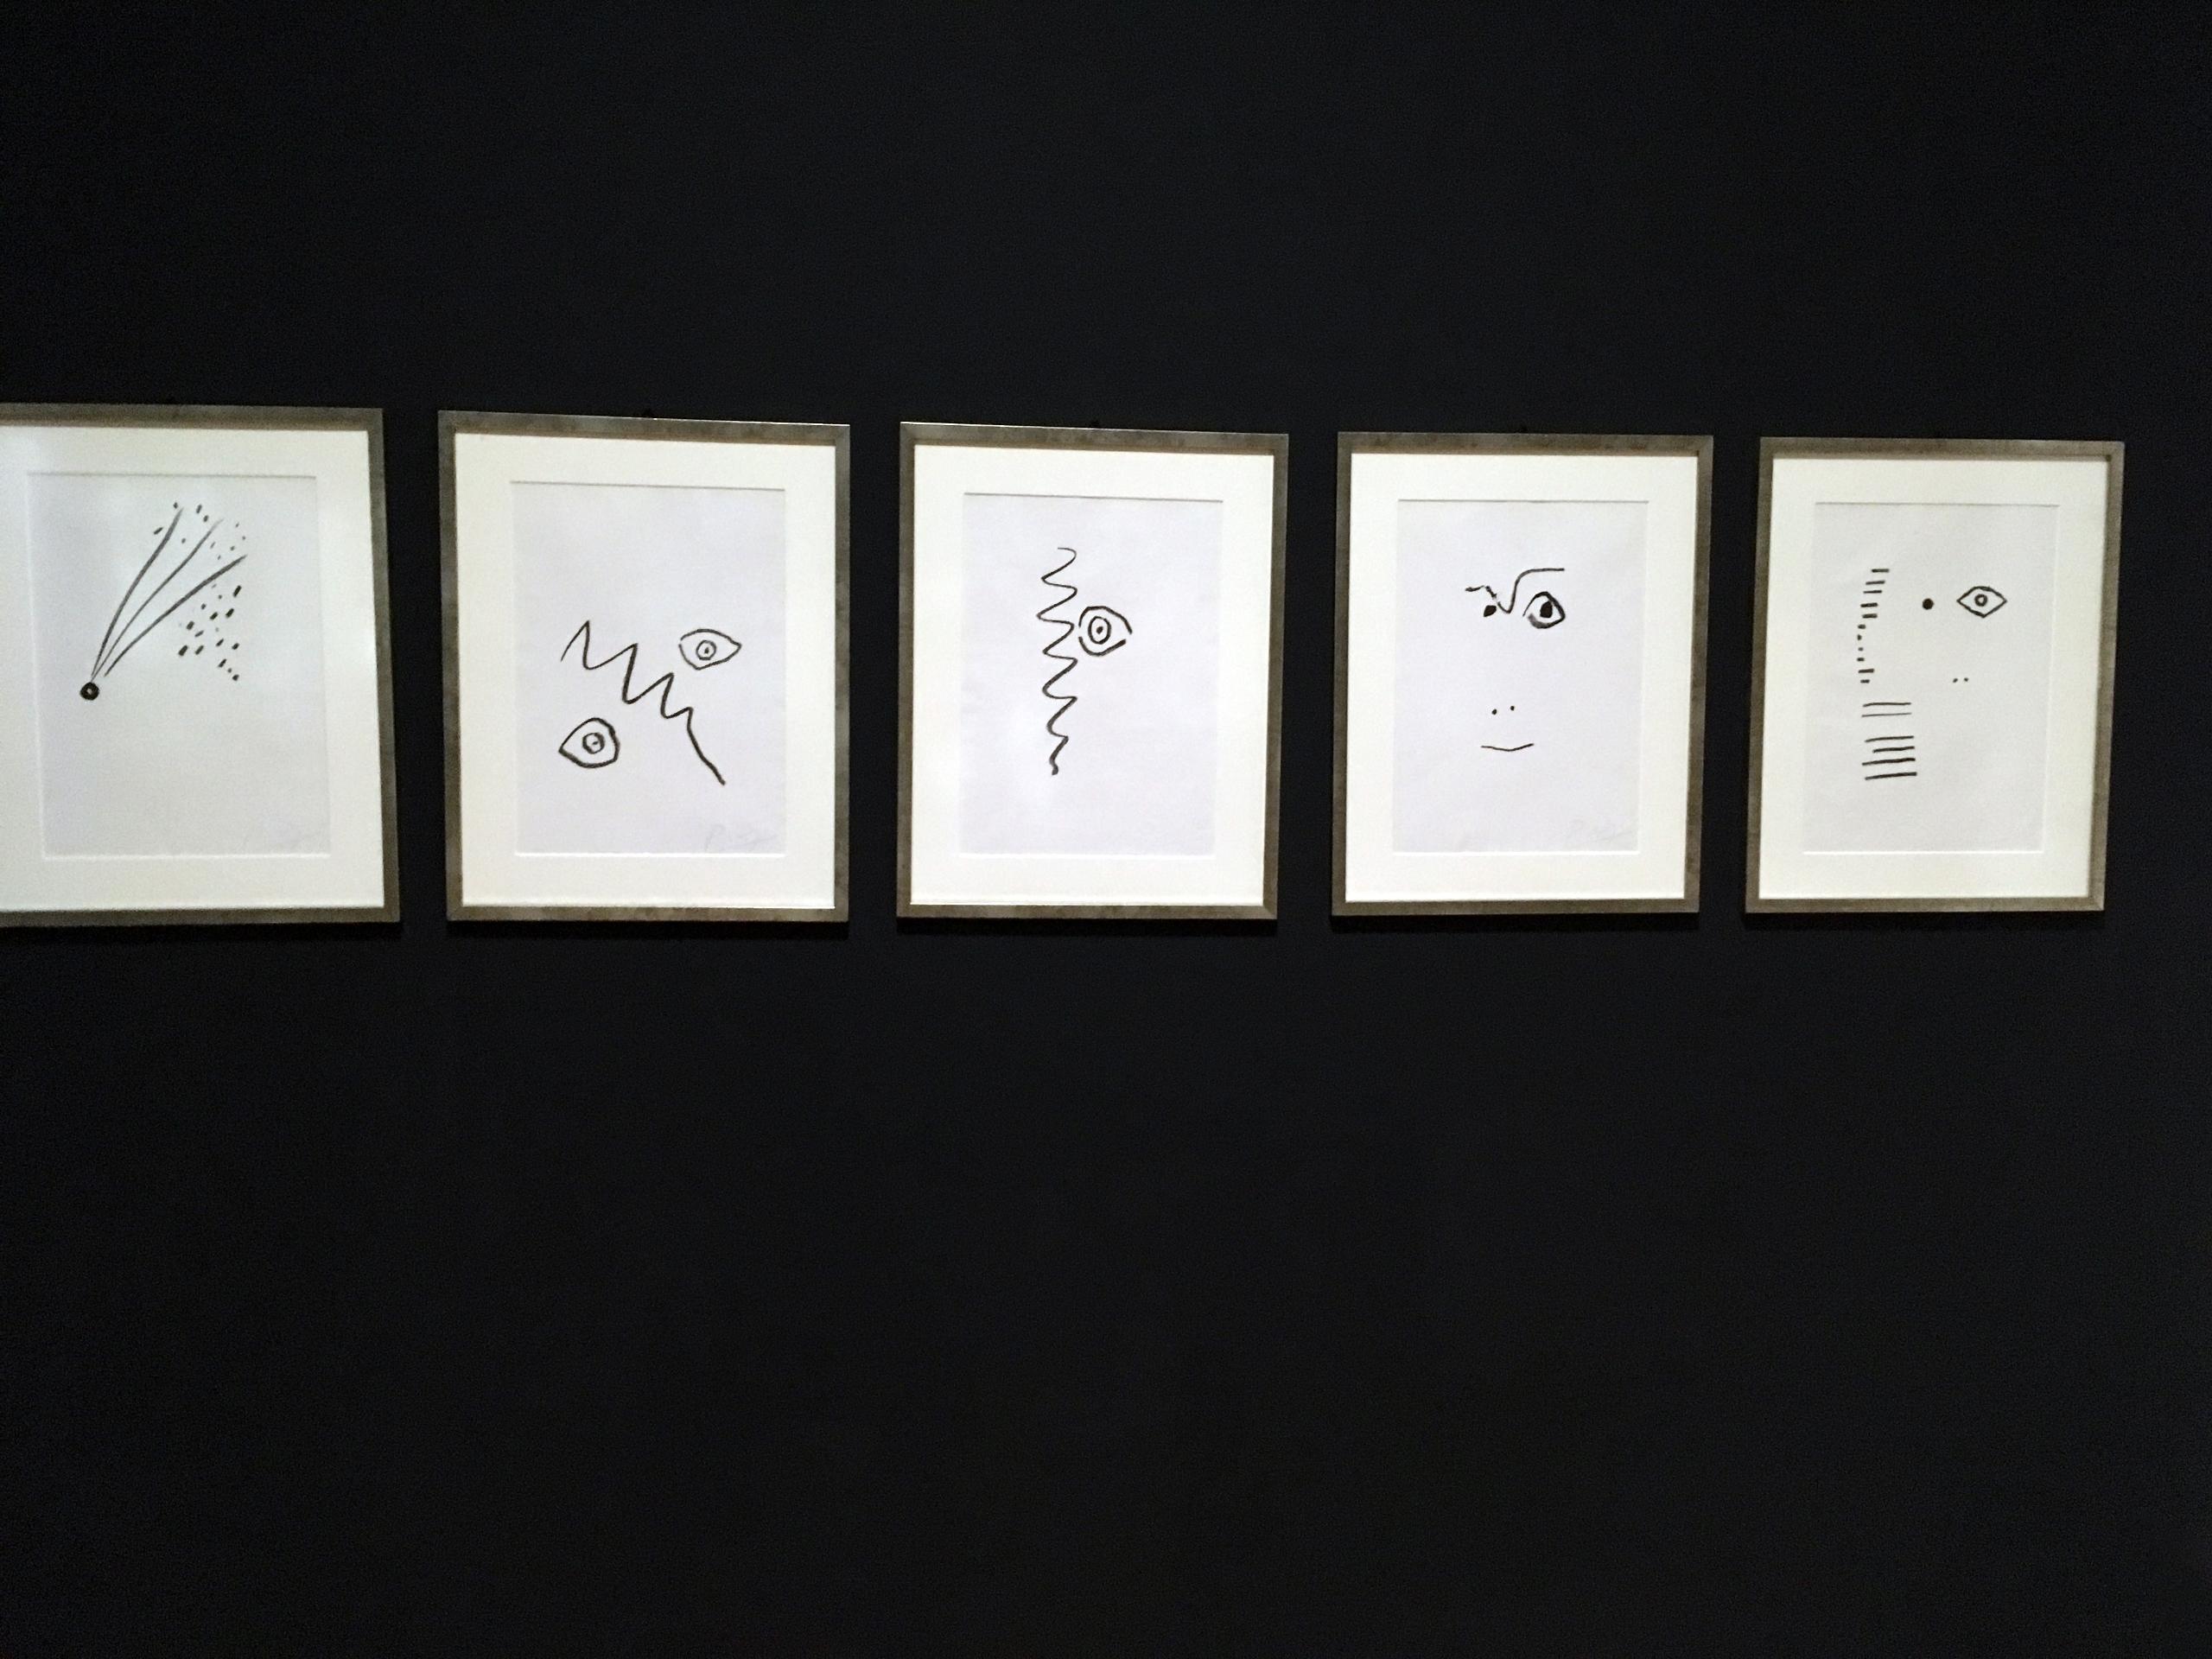 Zdjęcie przedstawia serię pięciu prac znanego artysty Pabla Picassa zawieszonych na czarnej ścianie. Prace przedstawiają proste formy.